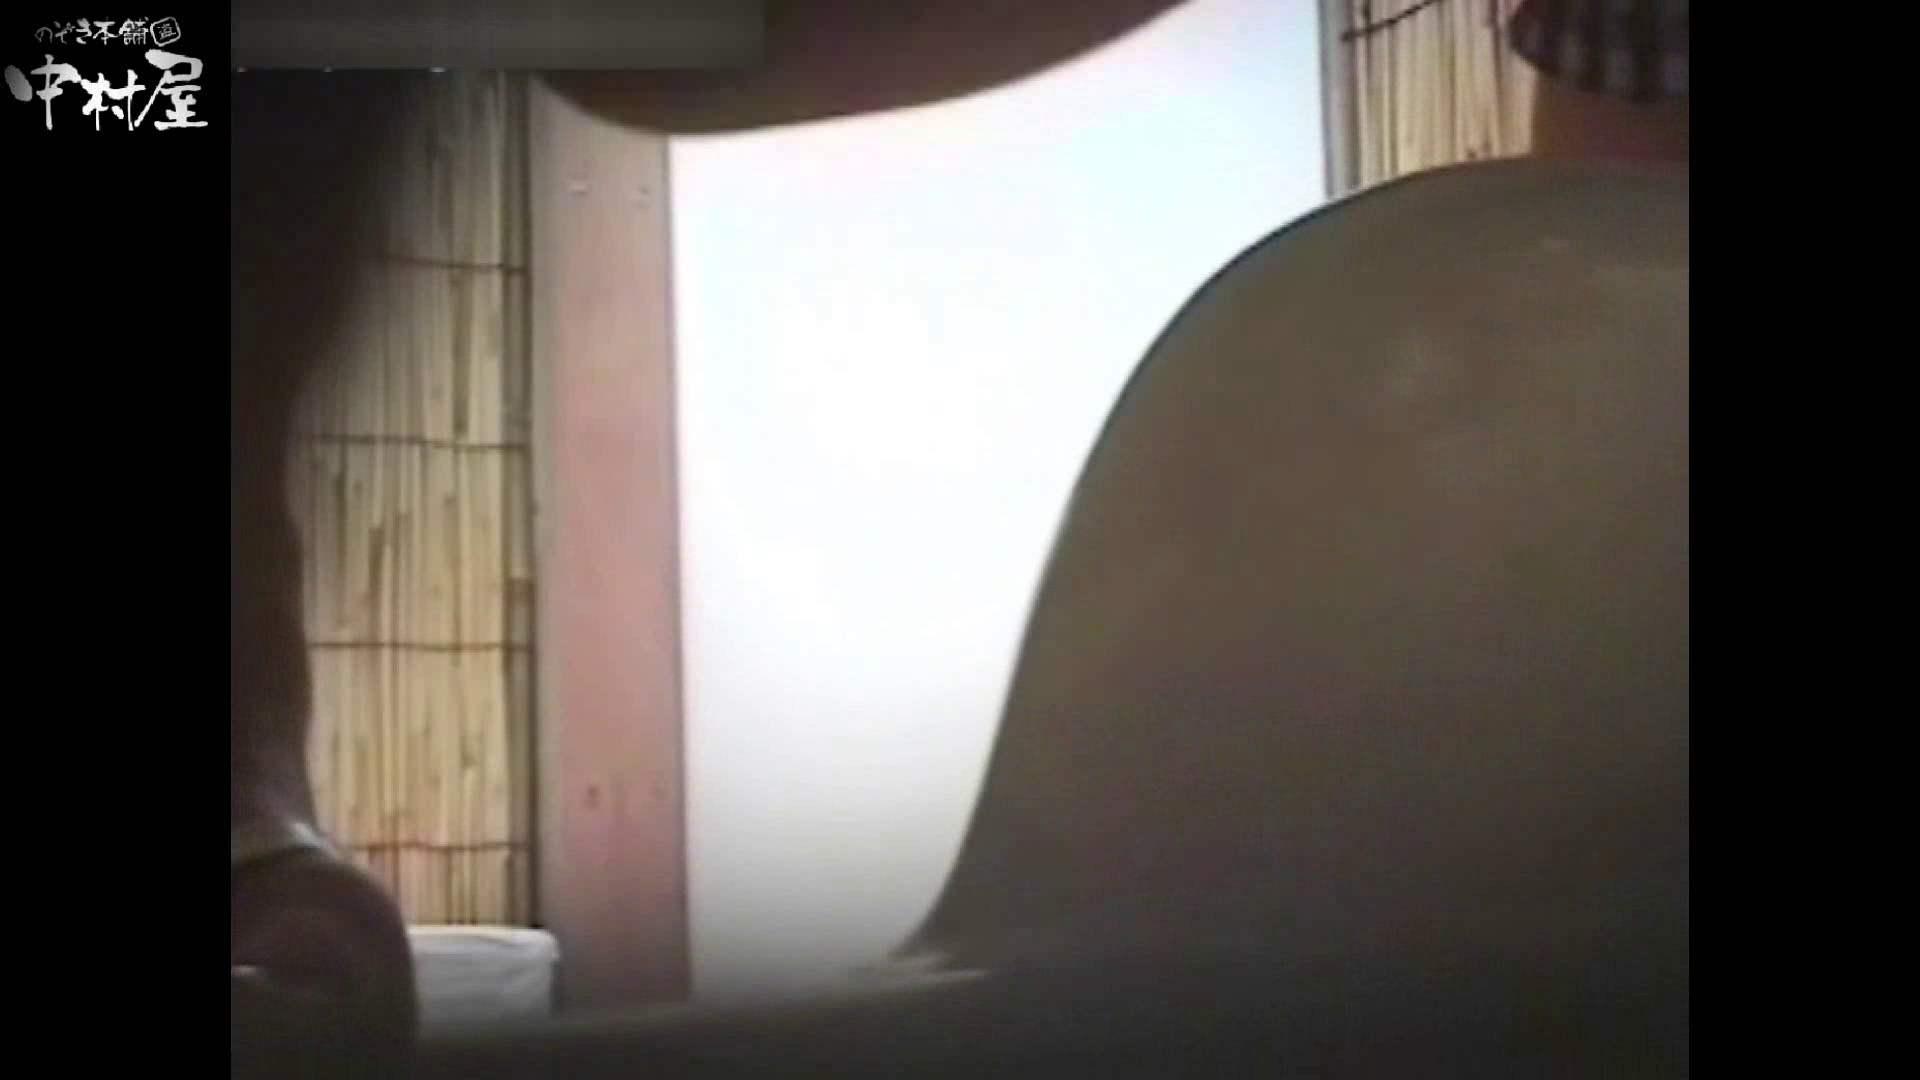 解禁!海の家4カメ洗面所vol.54 人気シリーズ 盗み撮りSEX無修正画像 97PICs 83